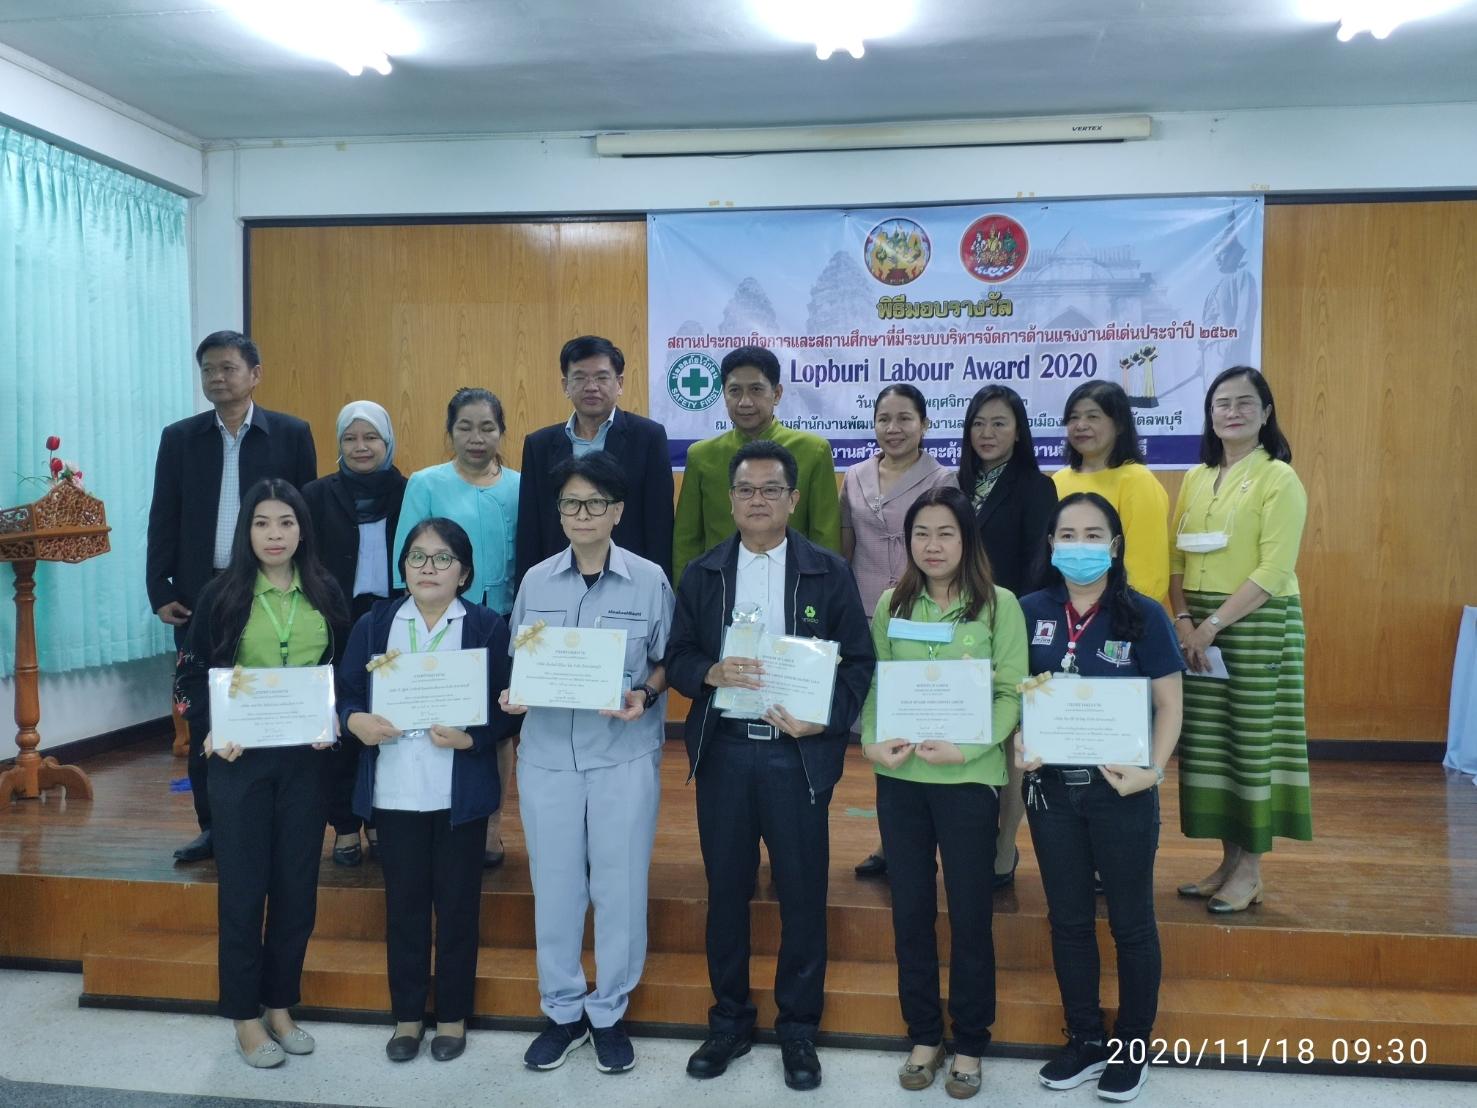 จังหวัดลพบุรี จัดพิธีมอบรางวัลสถานประกอบกิจการและสถานศึกษาที่มีระบบการบริหารจัดการด้านแรงงานดีเด่นประจำปี 2563 (Lopburi Labour Award)